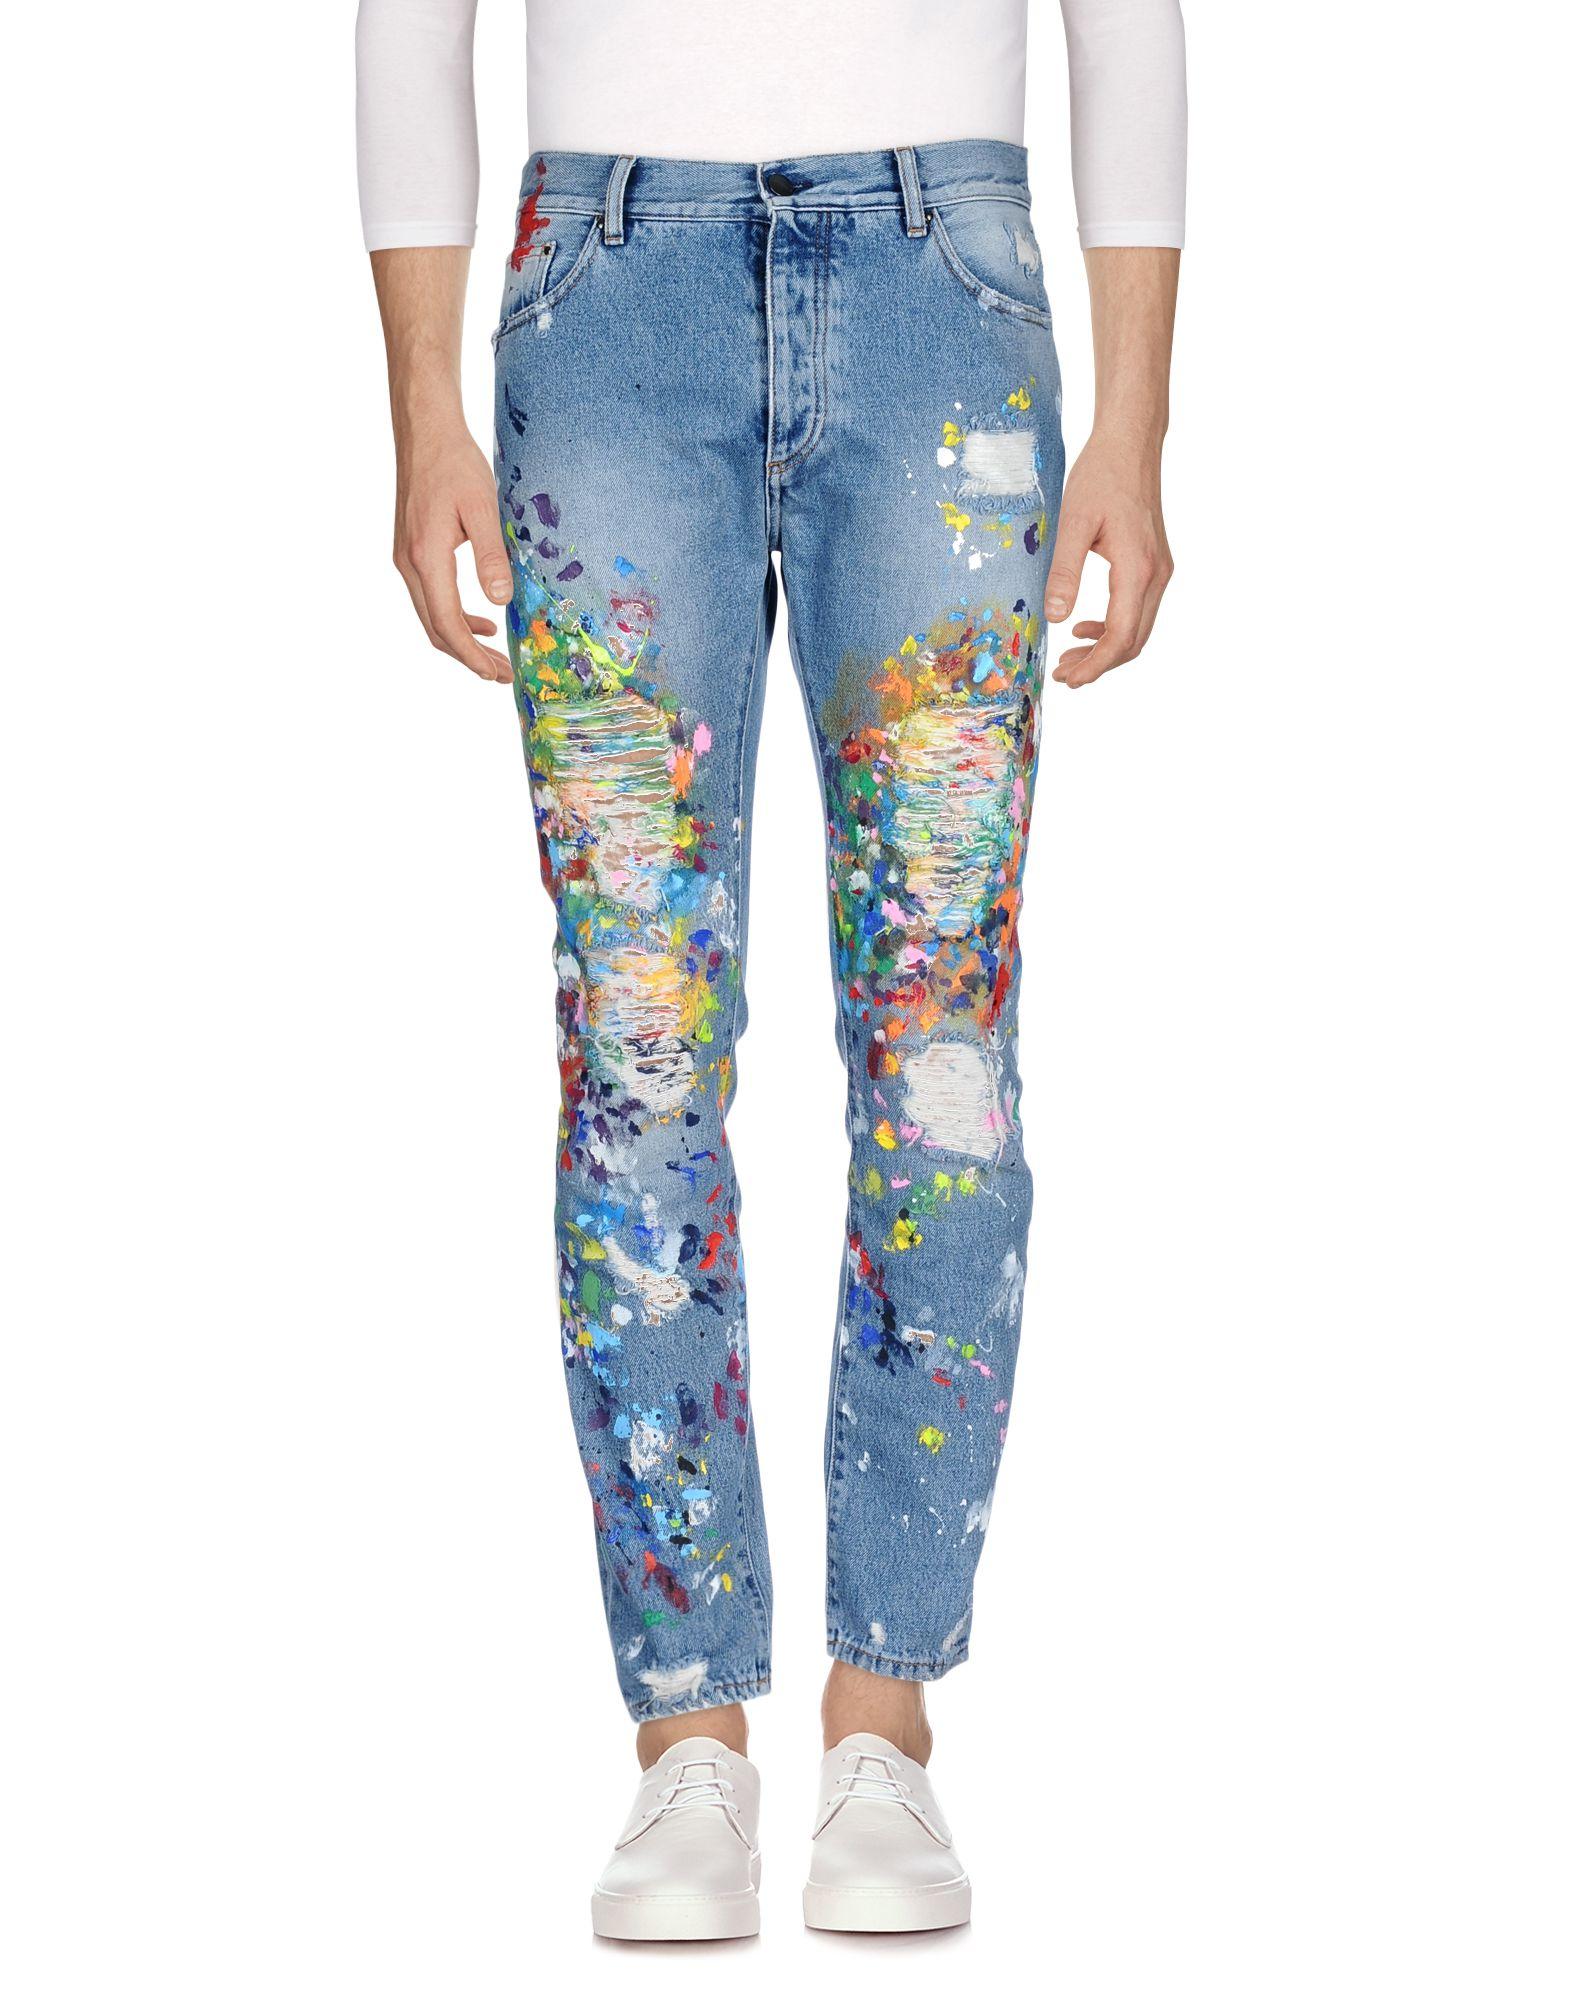 PALM ANGELS Джинсовые брюки женские брюки лэйт светлый размер 56